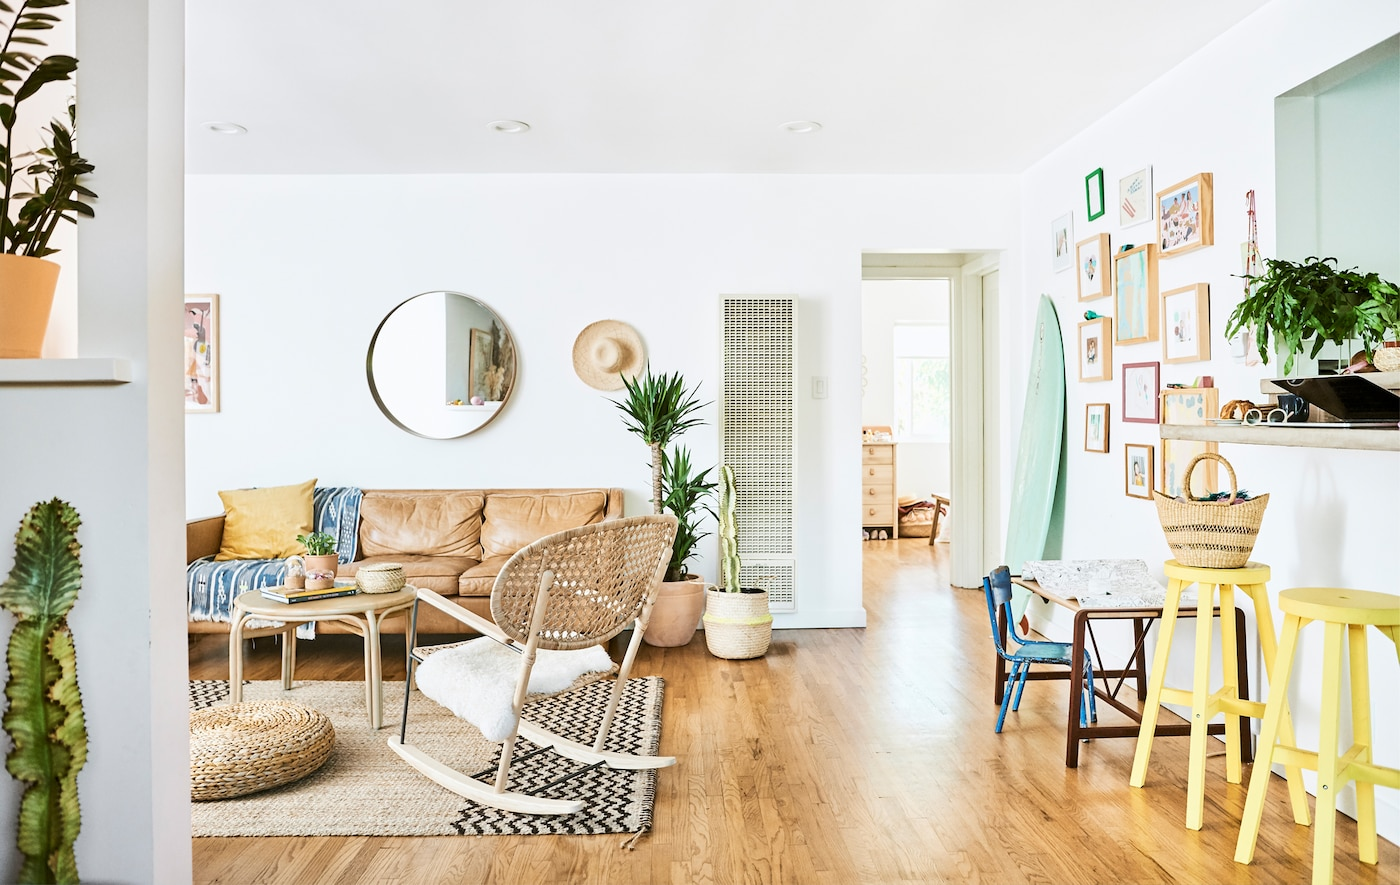 غرفة جلوس مع كنبة جلد، كرسي هزاز من الروطان، سجادة من الخيش، أرضيات خشبية، ومقعدان باللون الأصفر إلى جانب سطح عمل.